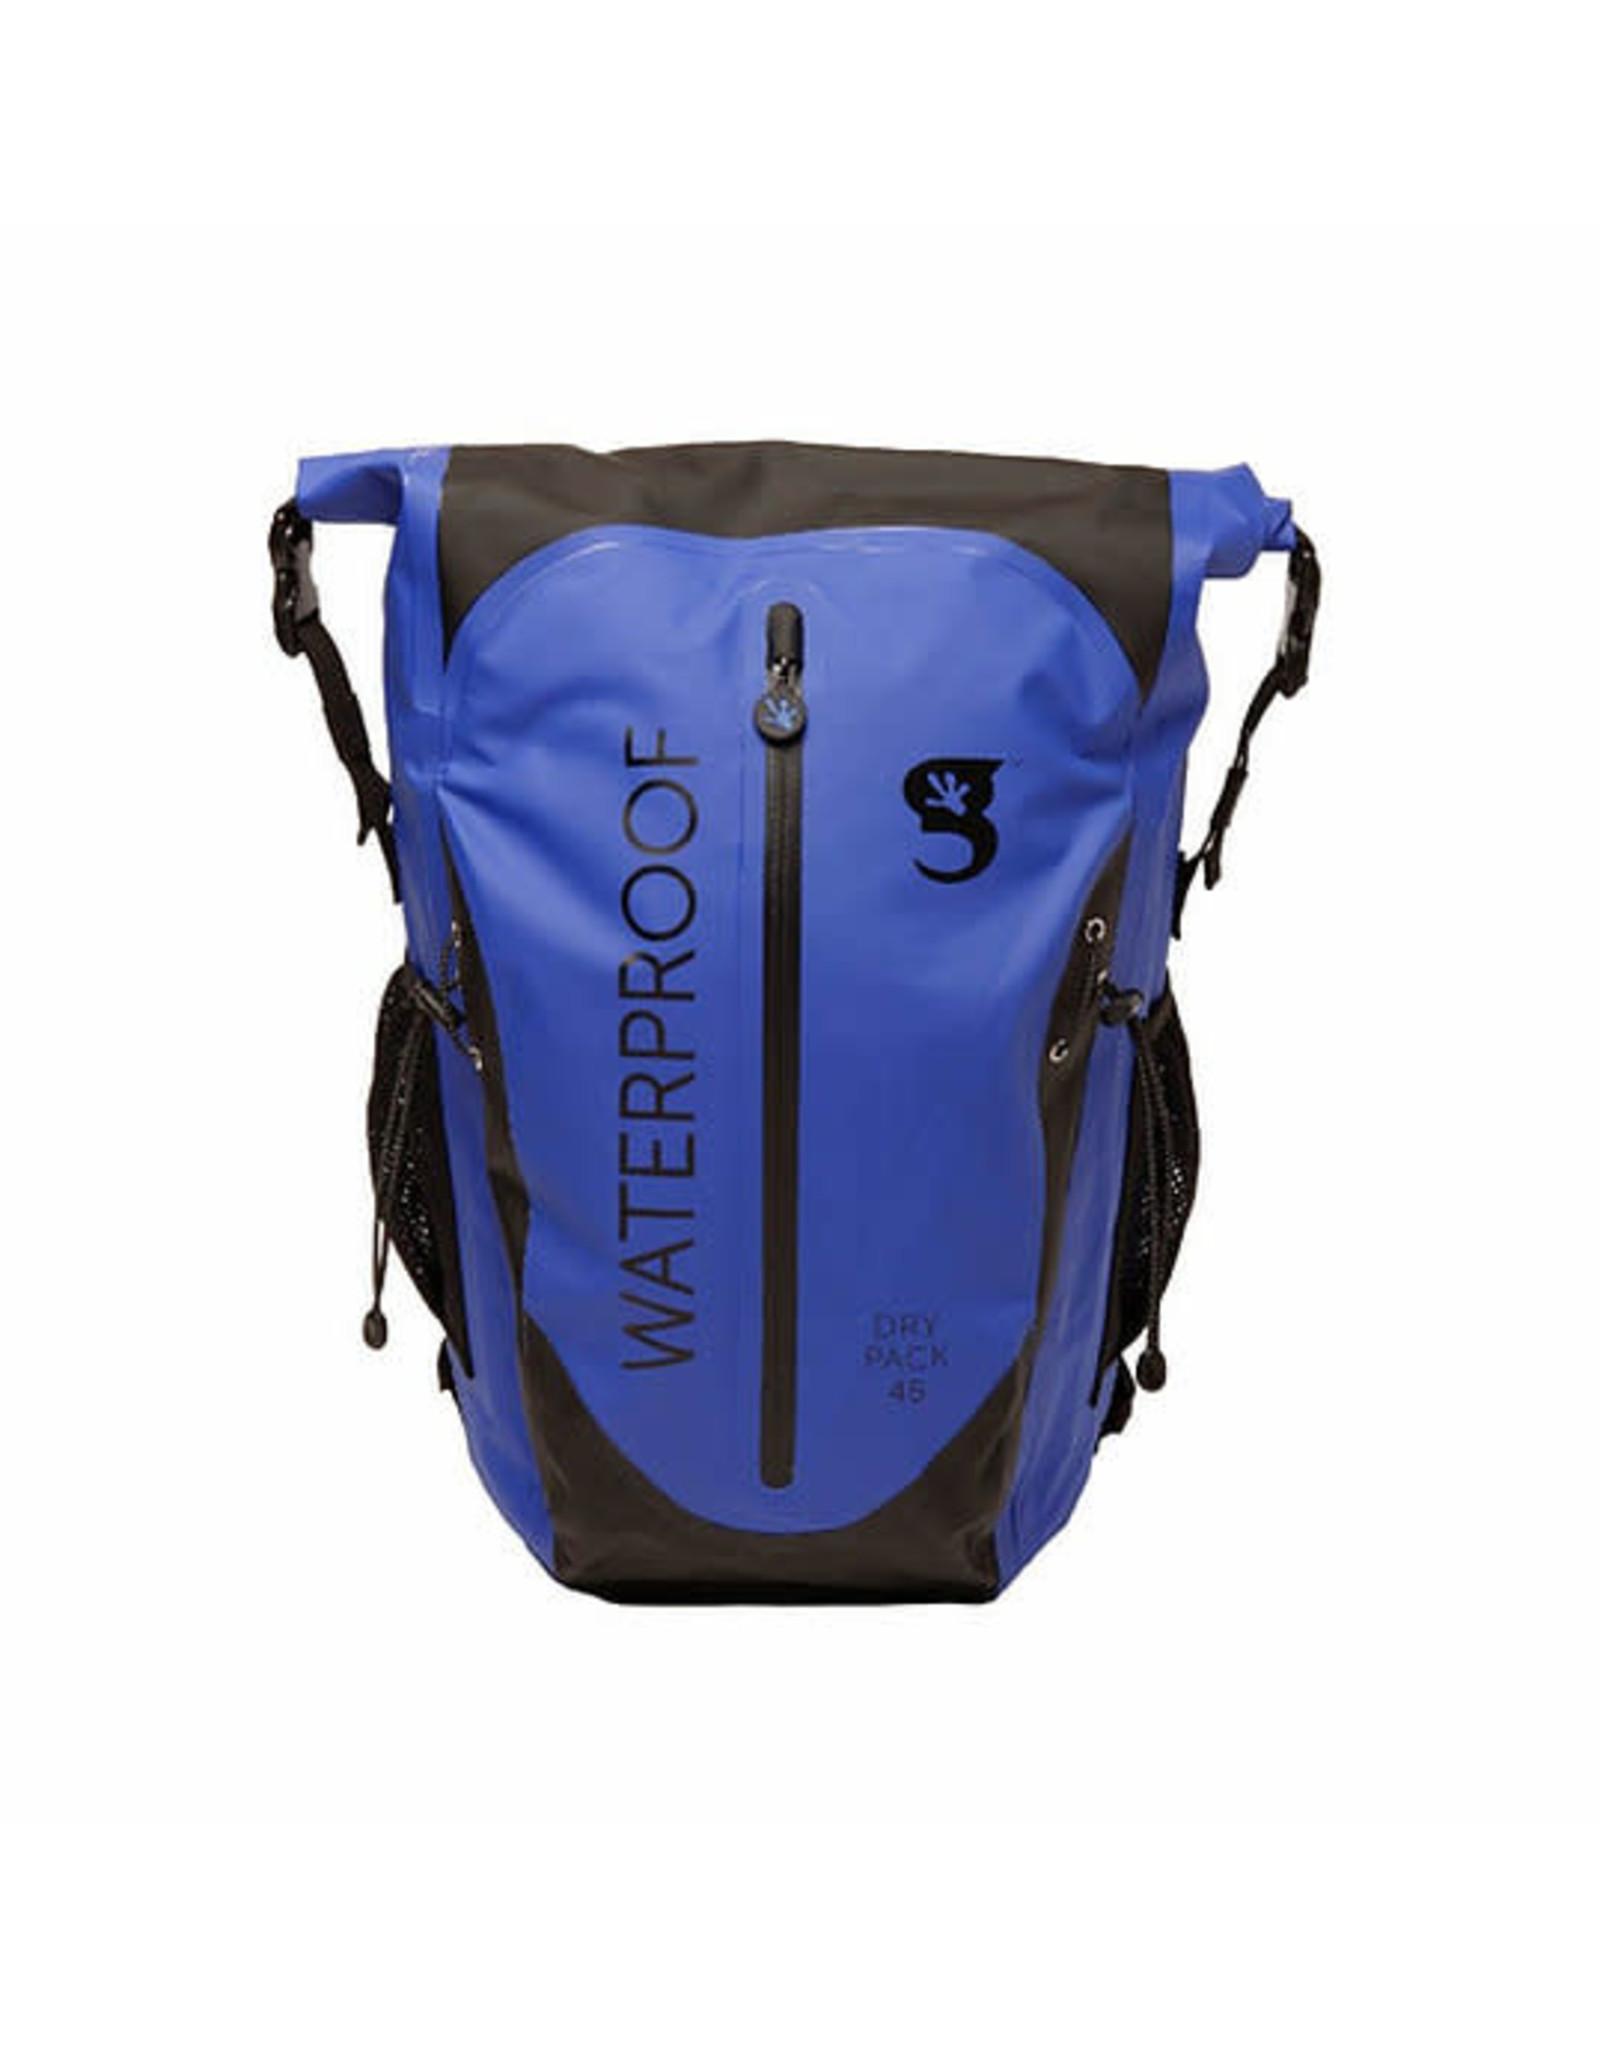 Geckobrands Paddler 45L Waterproof Backpack - Royal/Black